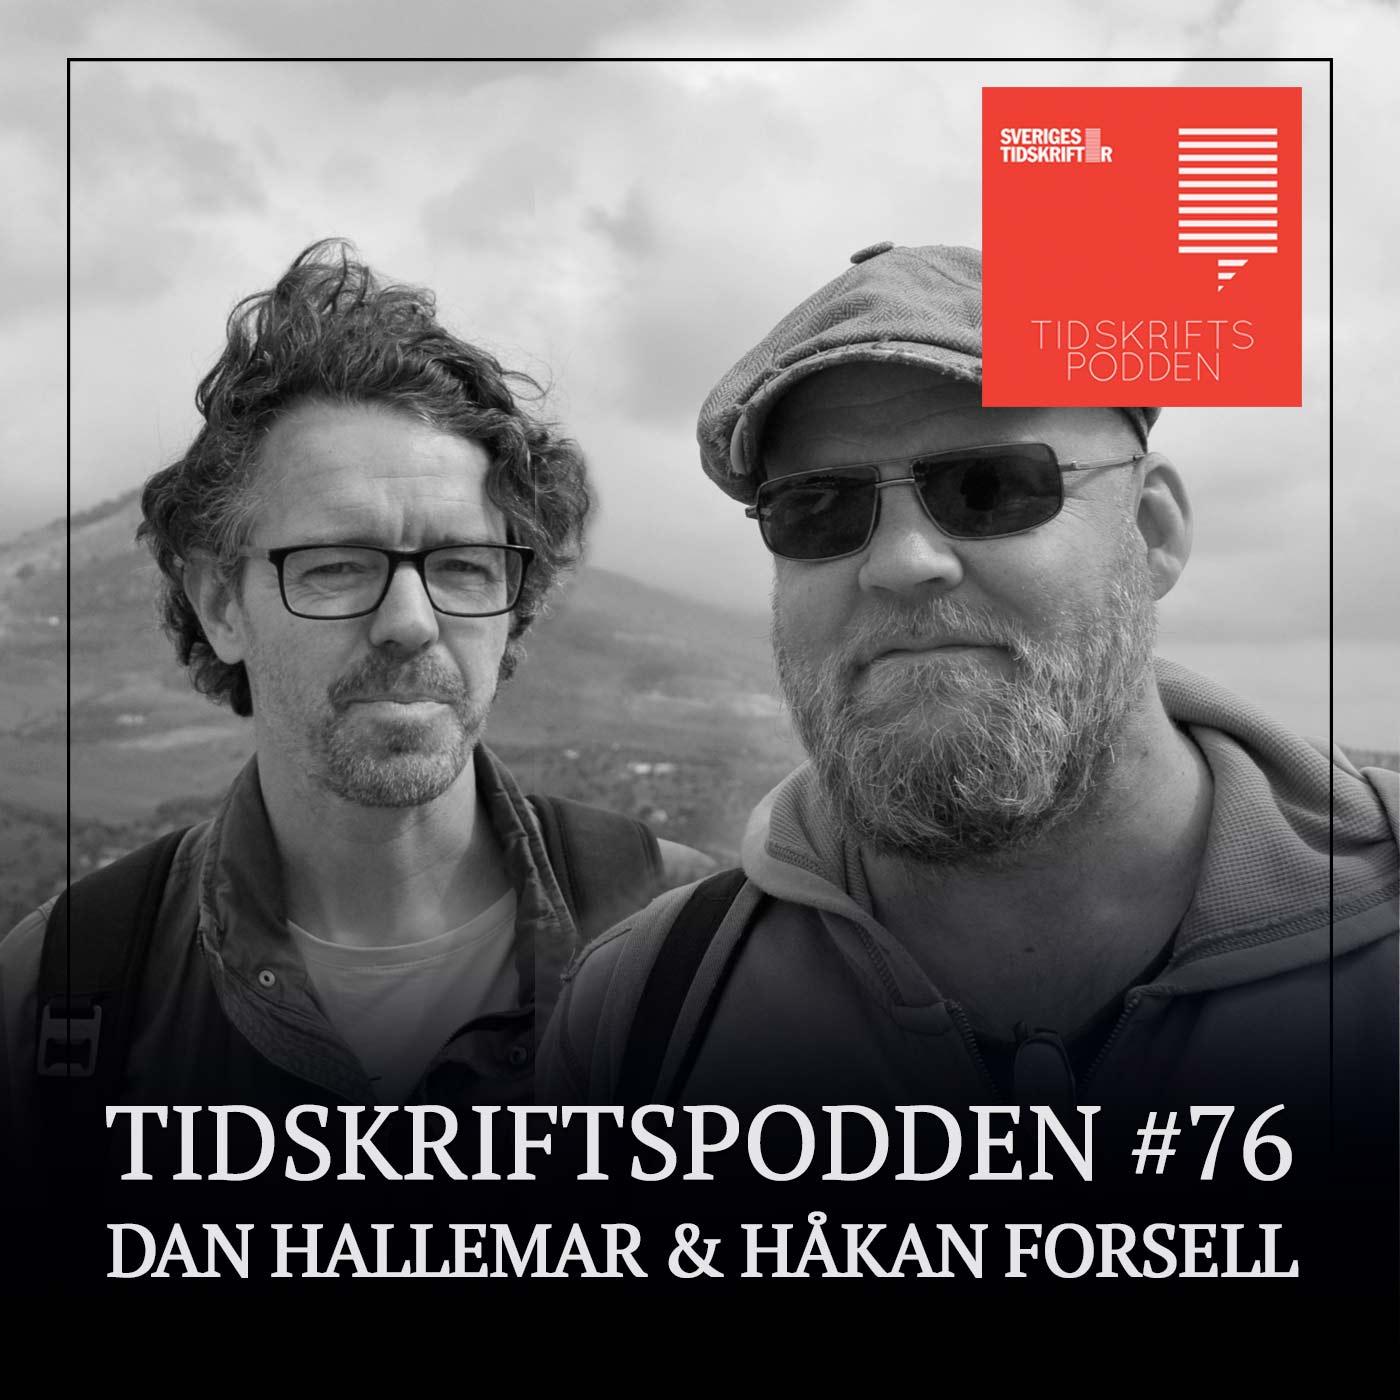 Dan Hallemar och Håkan Forsell från podden Staden gästar Tidskriftspodden